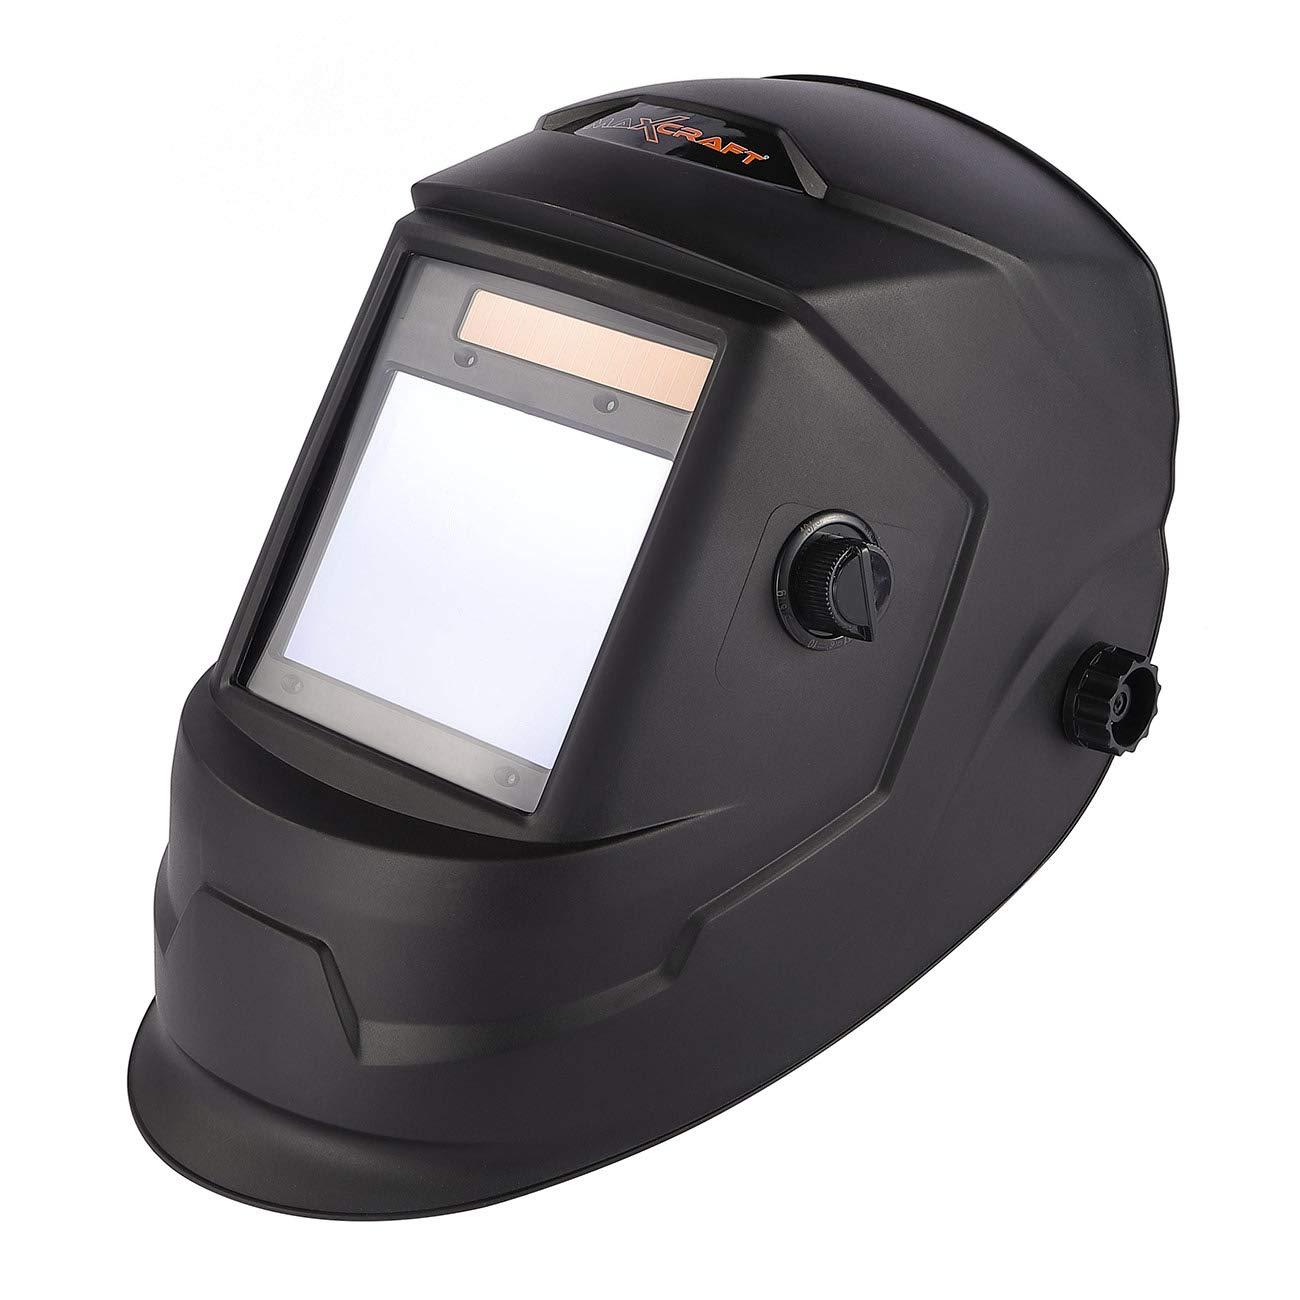 MAXCRAFT Casque de Soudage Masque avec Assombrissement Automatique Solaire DIN 4/5-9/9-13 Soudure - 4 Capteurs